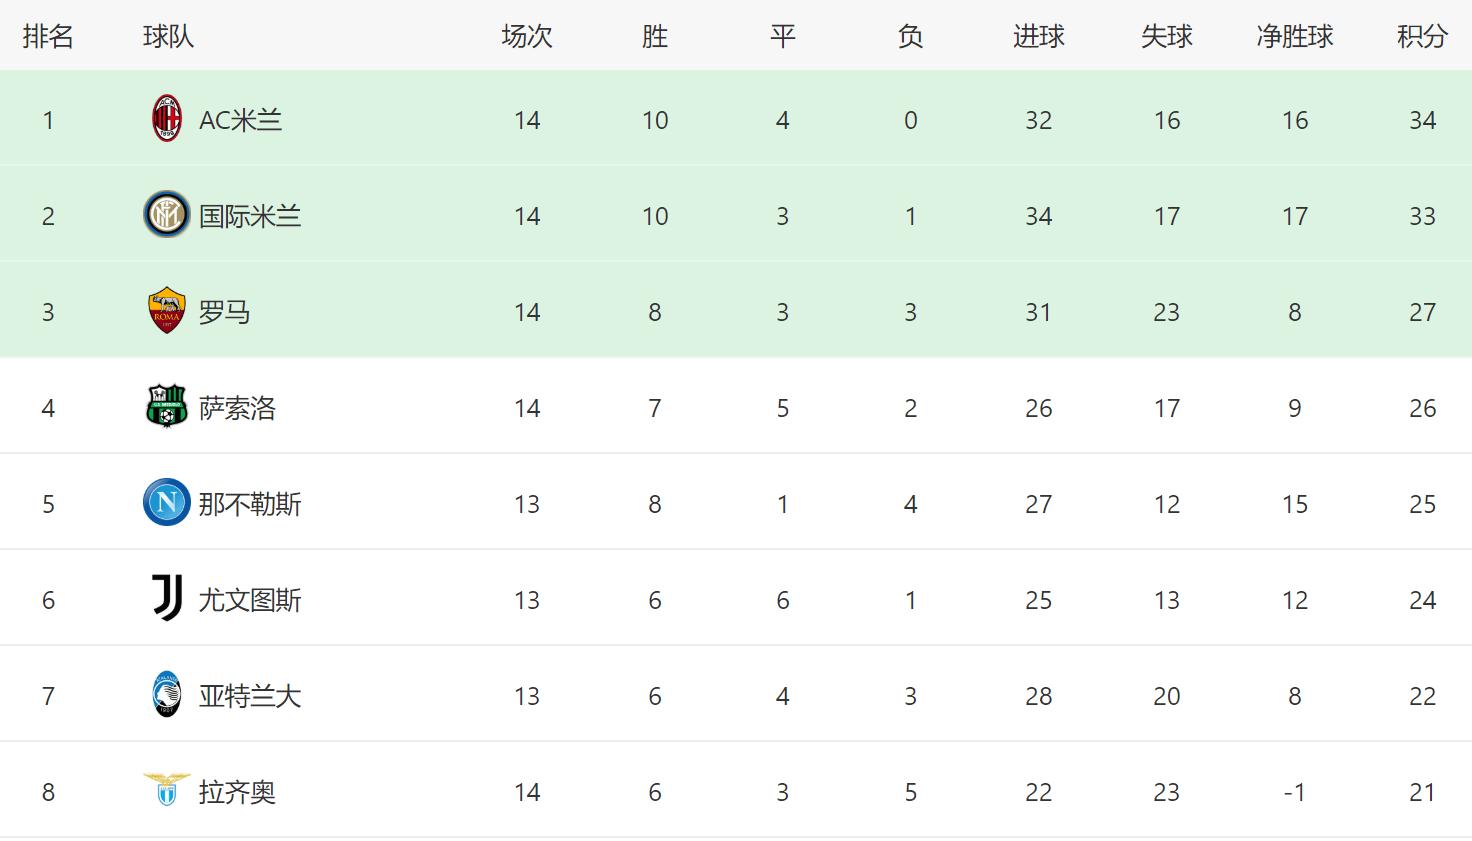 意甲一夜变天:尤文被挤到第6,C罗联赛冠军难了